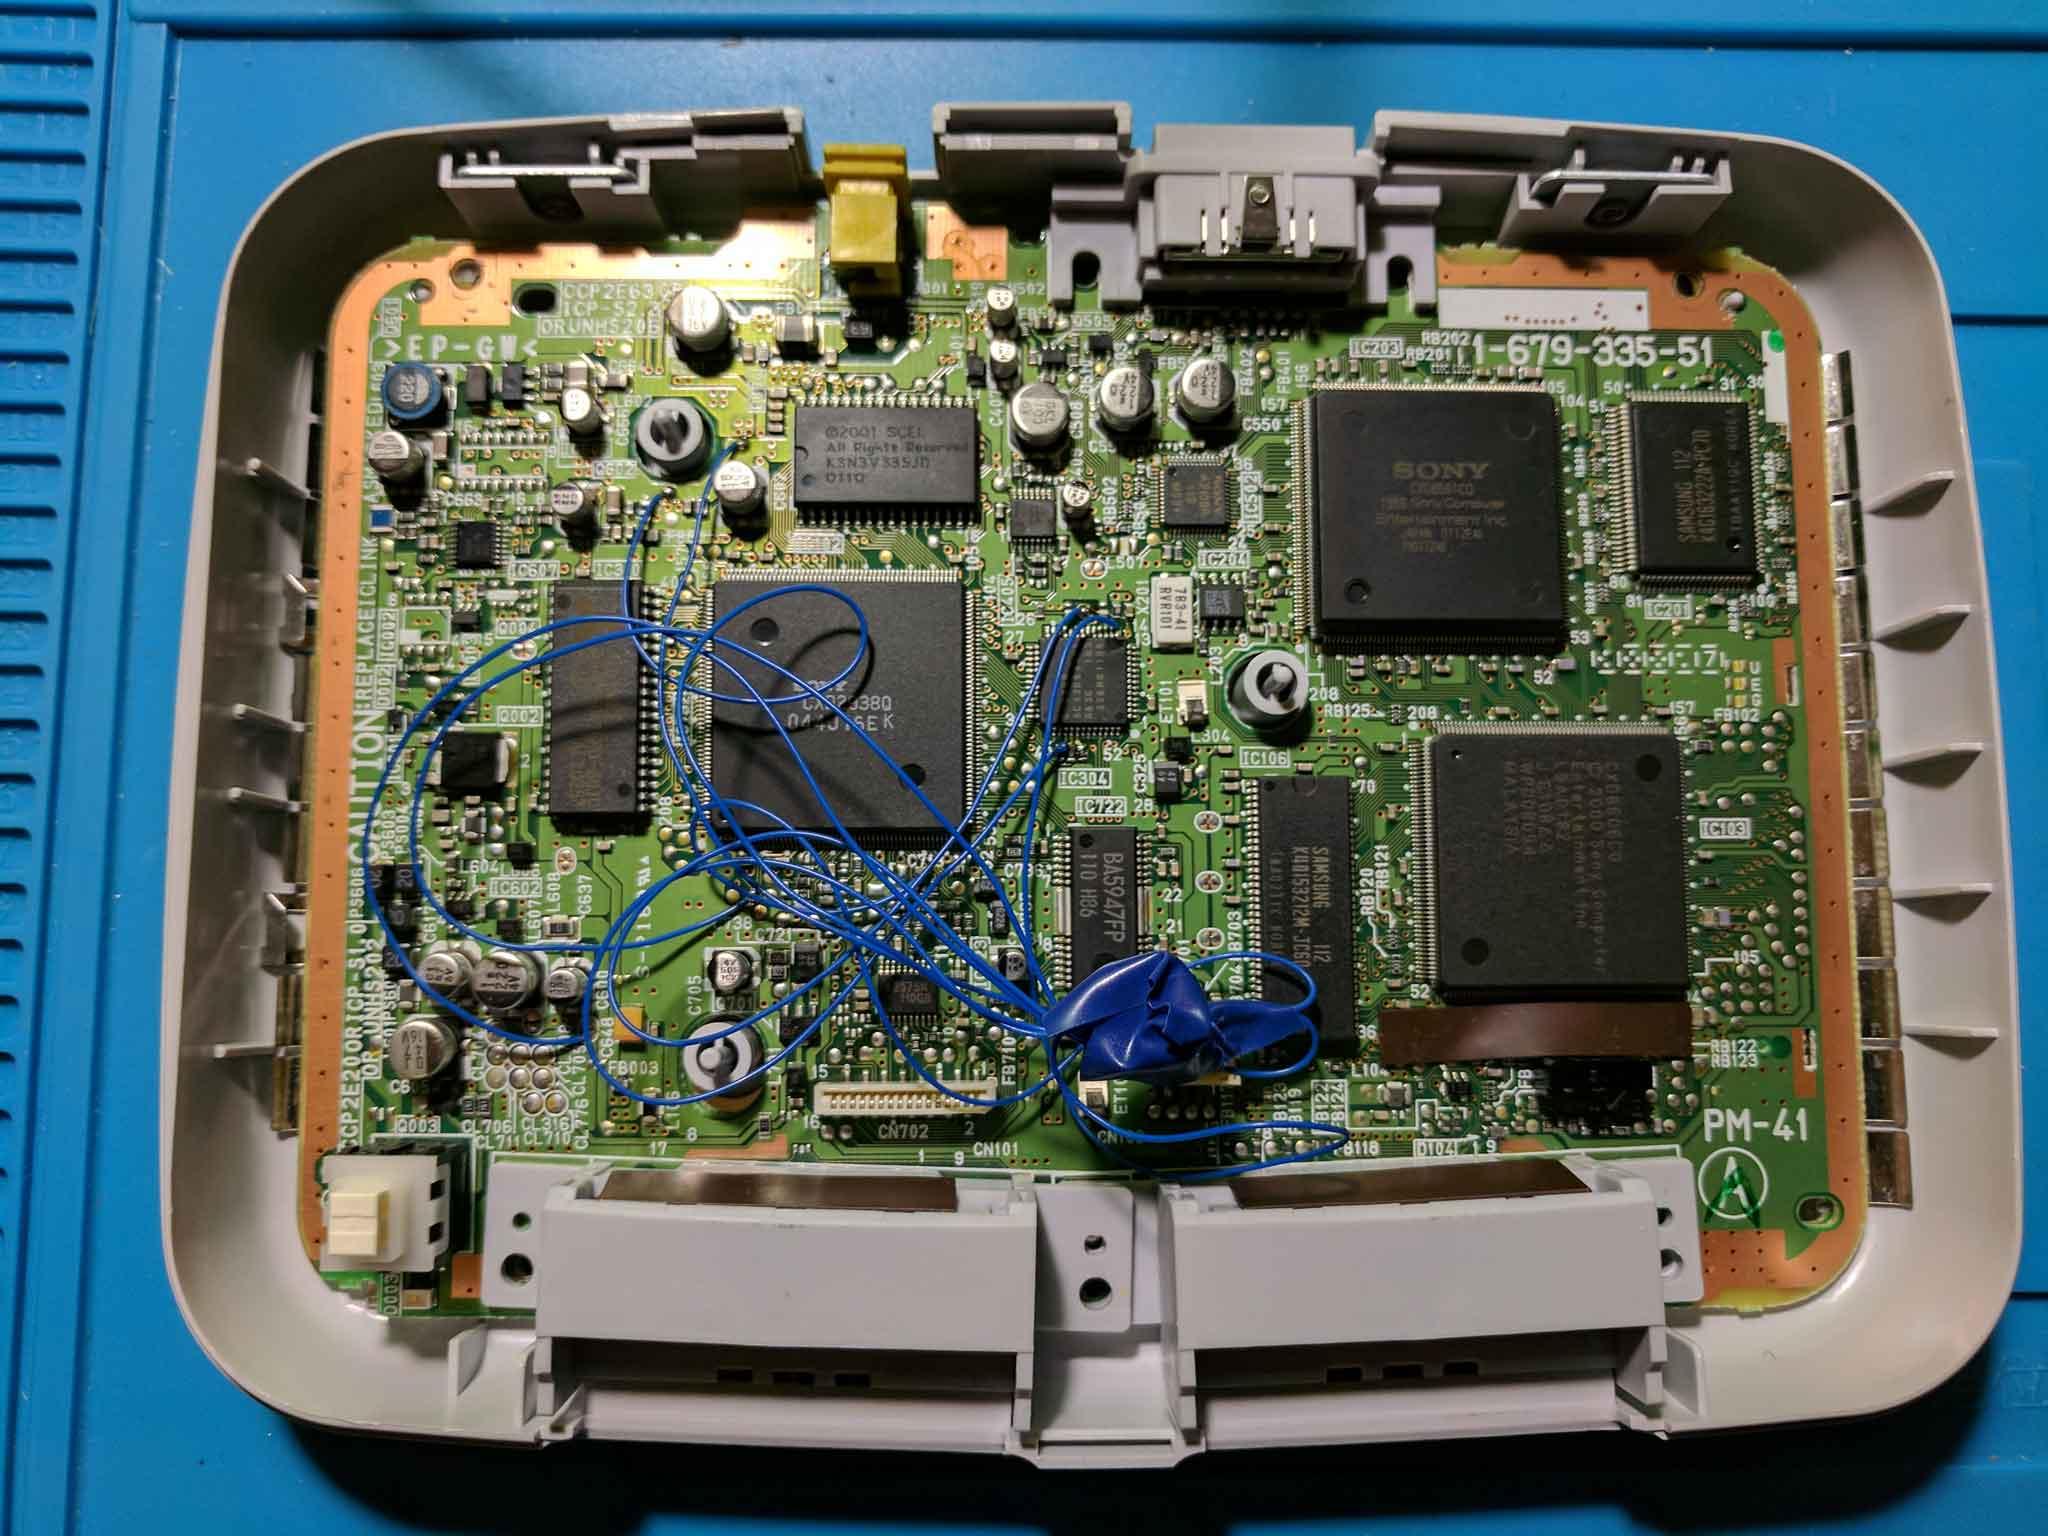 PSone board